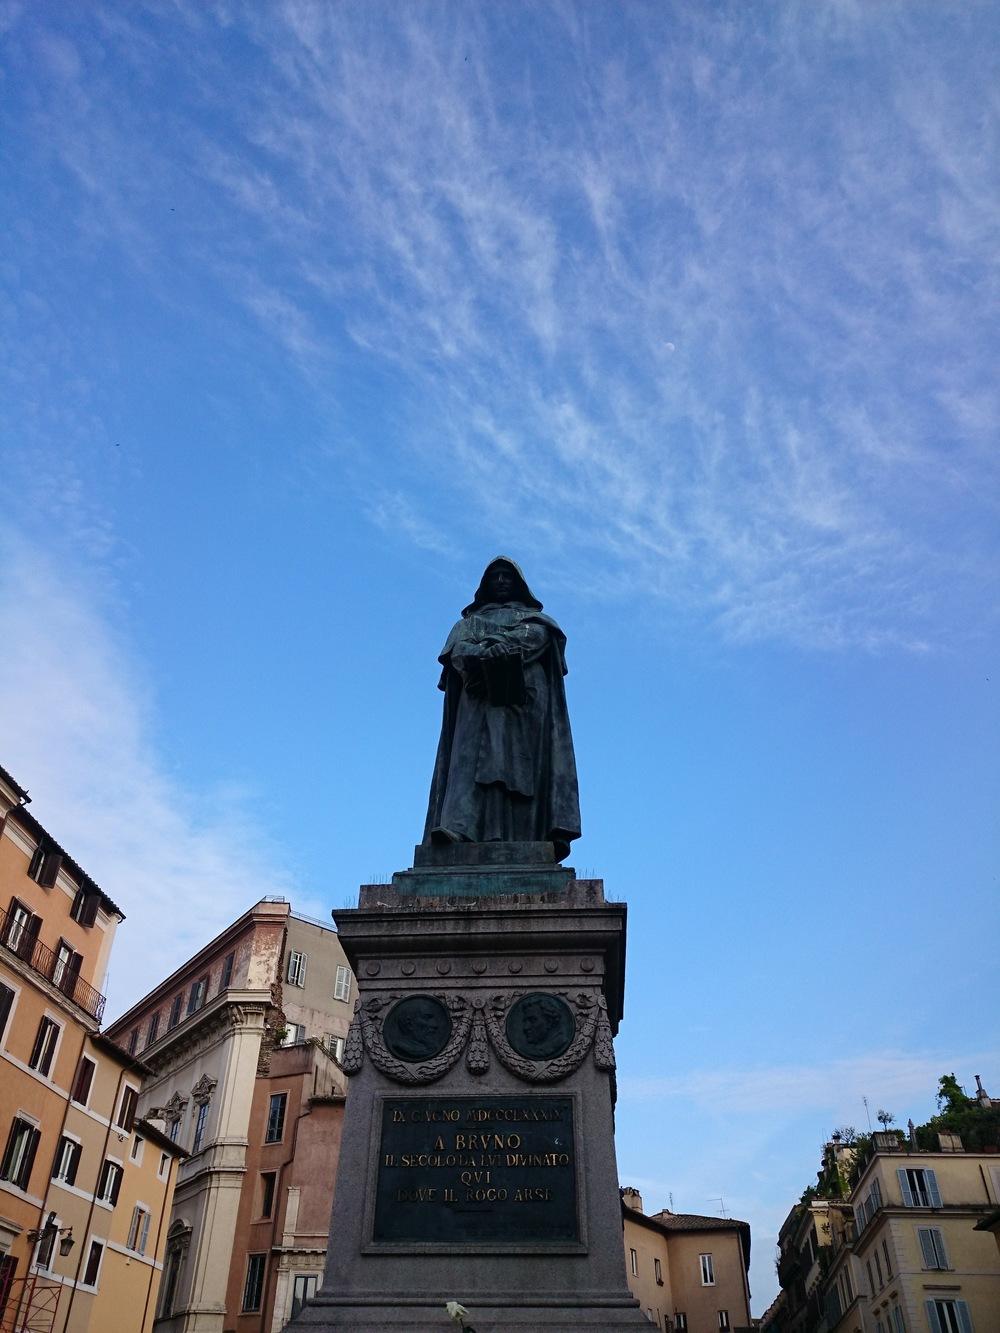 Giordano Bruno DSC_1763.JPG